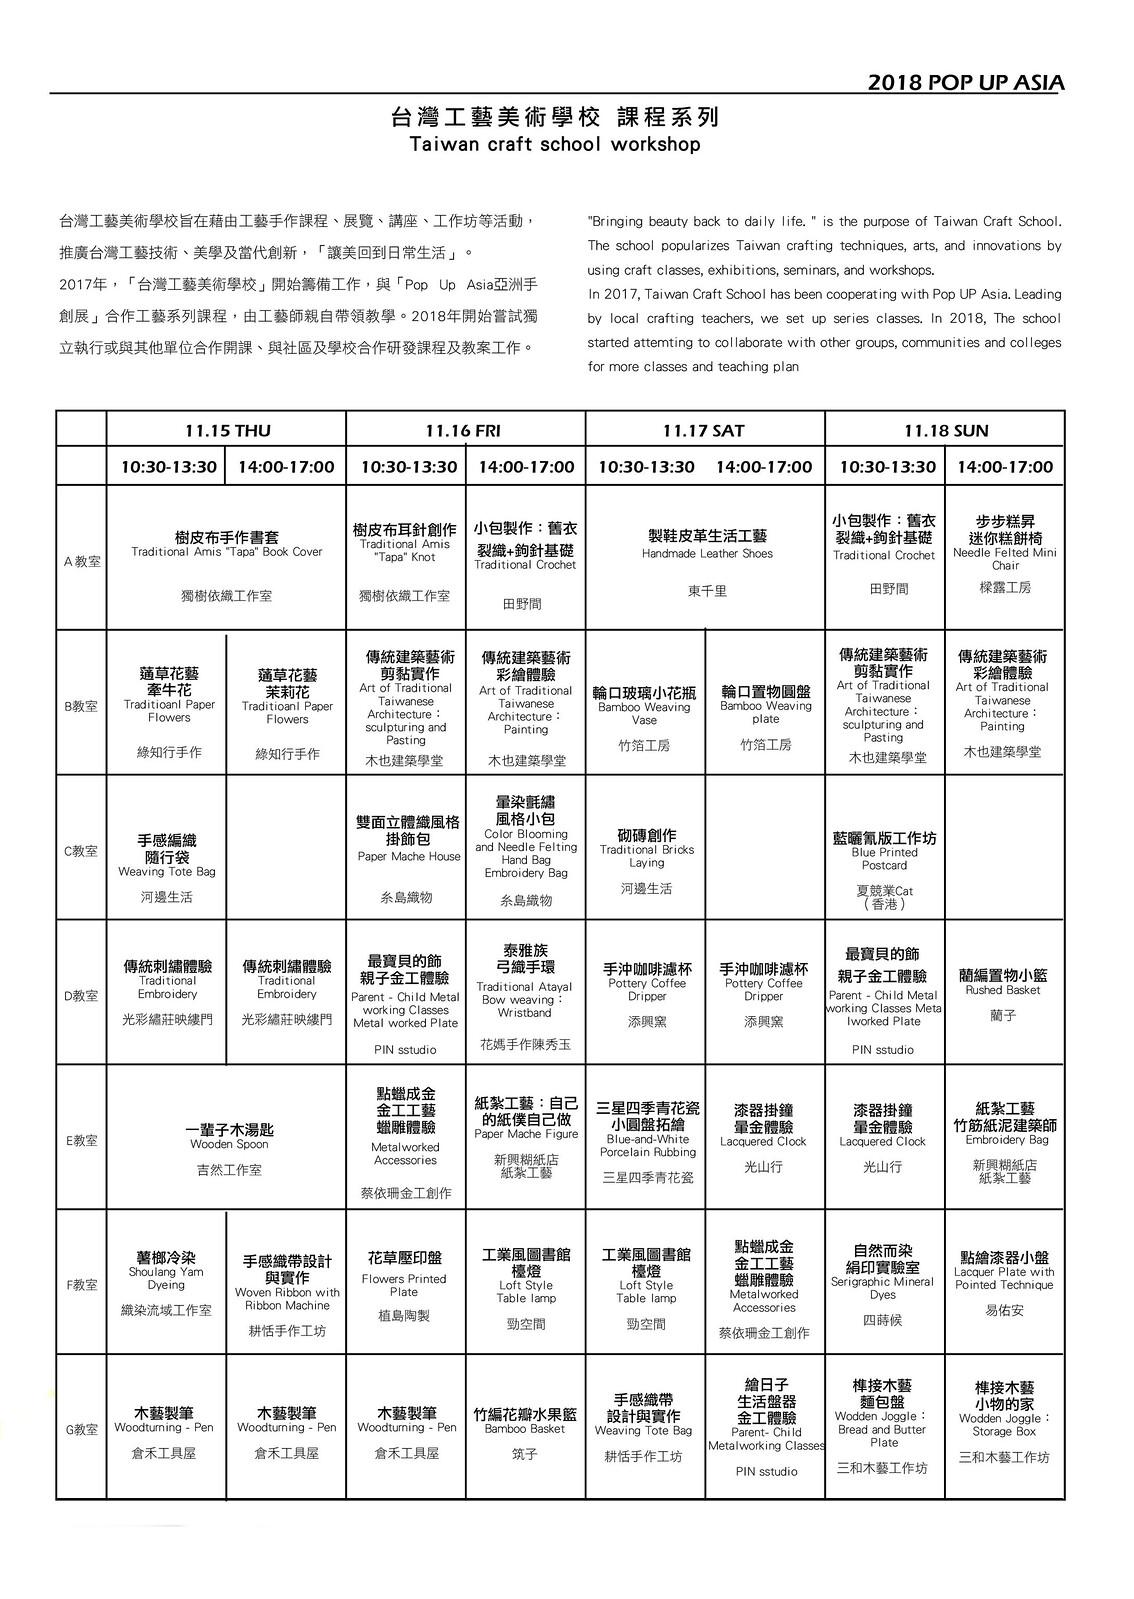 2018 Pop Up Asia 亞洲手創展手作體驗工作坊